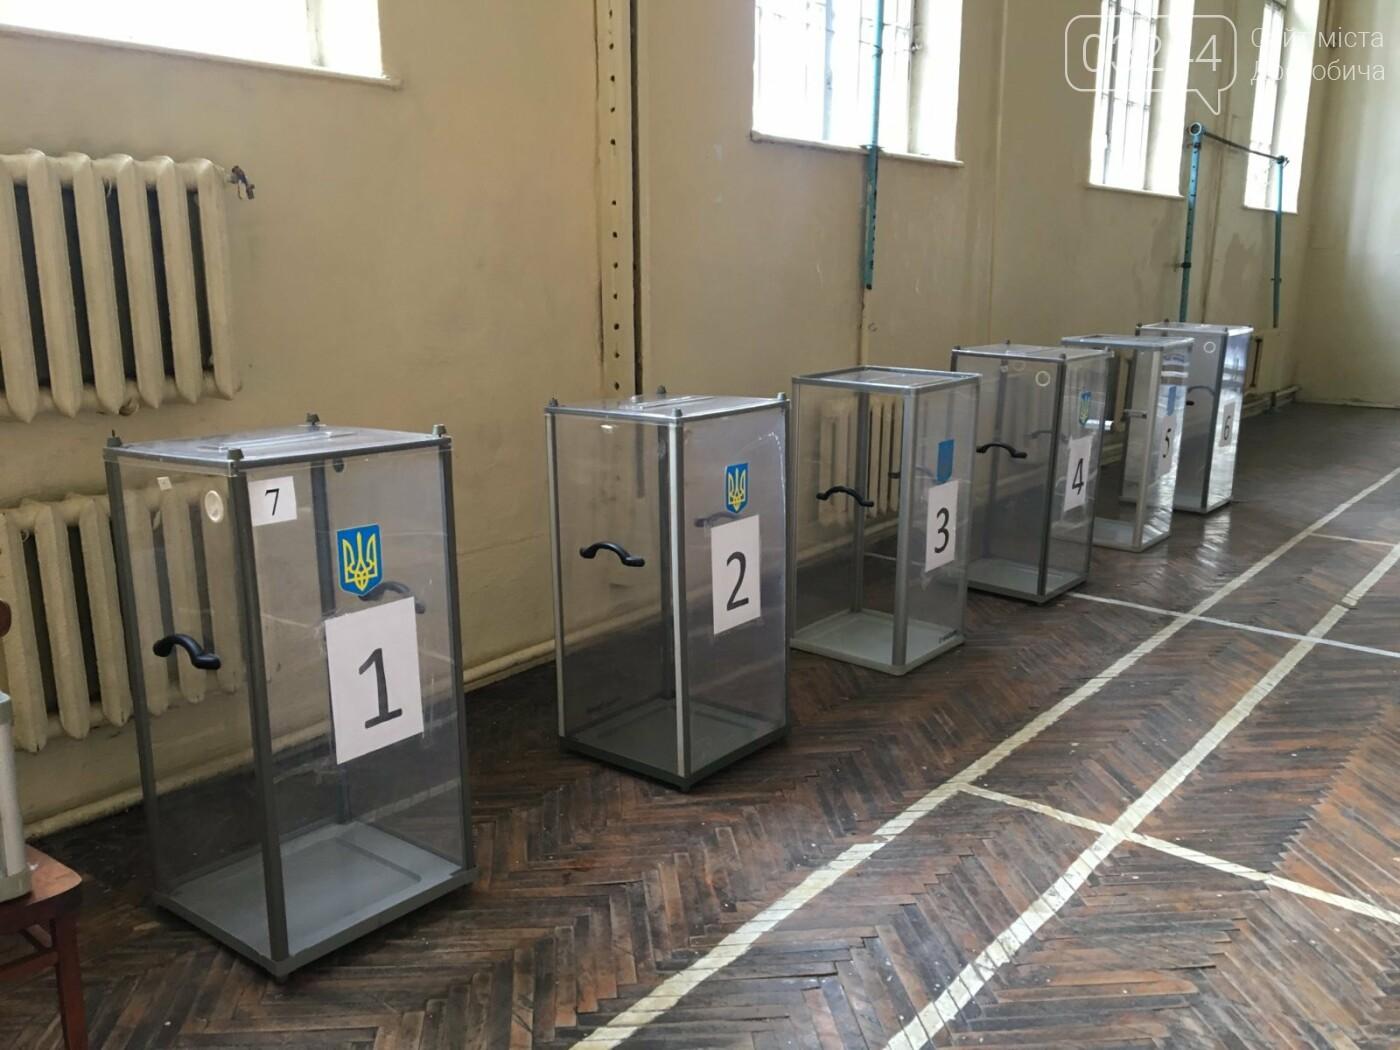 До виборів готові: на дільницях Дрогобича встановили кабінки та урни і завезли бюлетені, - ВІДЕО, ФОТО, фото-2